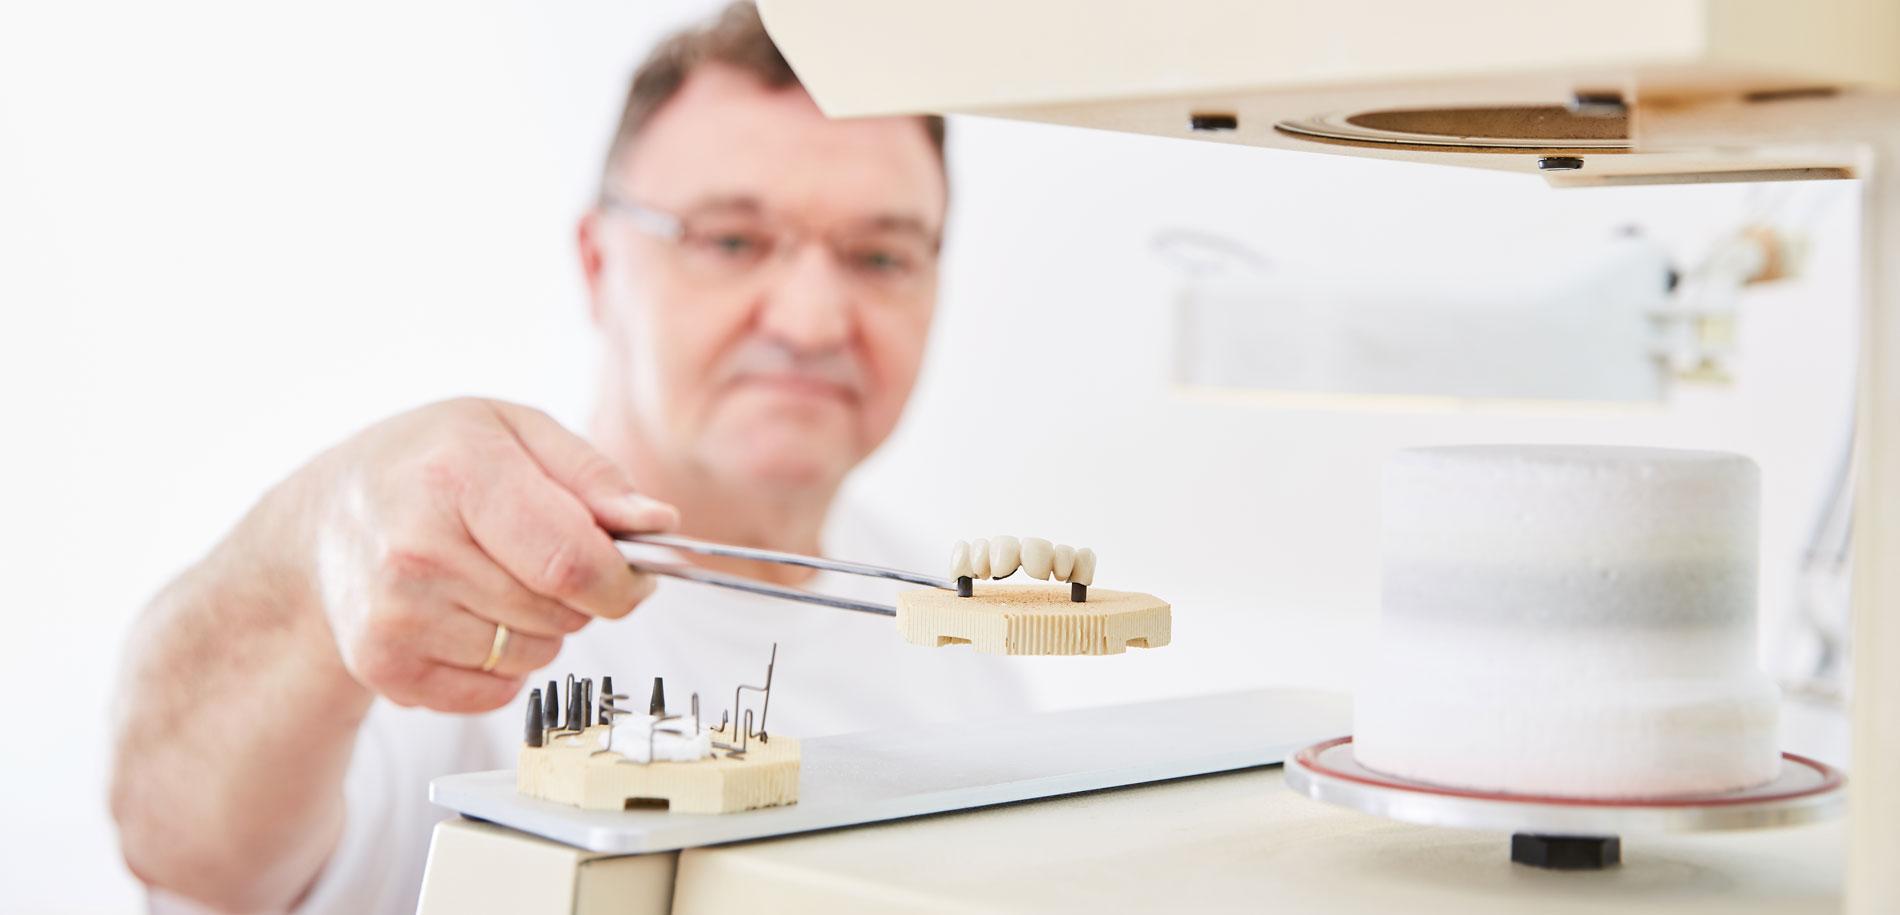 Zahnarztpraxis  Zahnrhein in Walluf - Zahnersatz 1